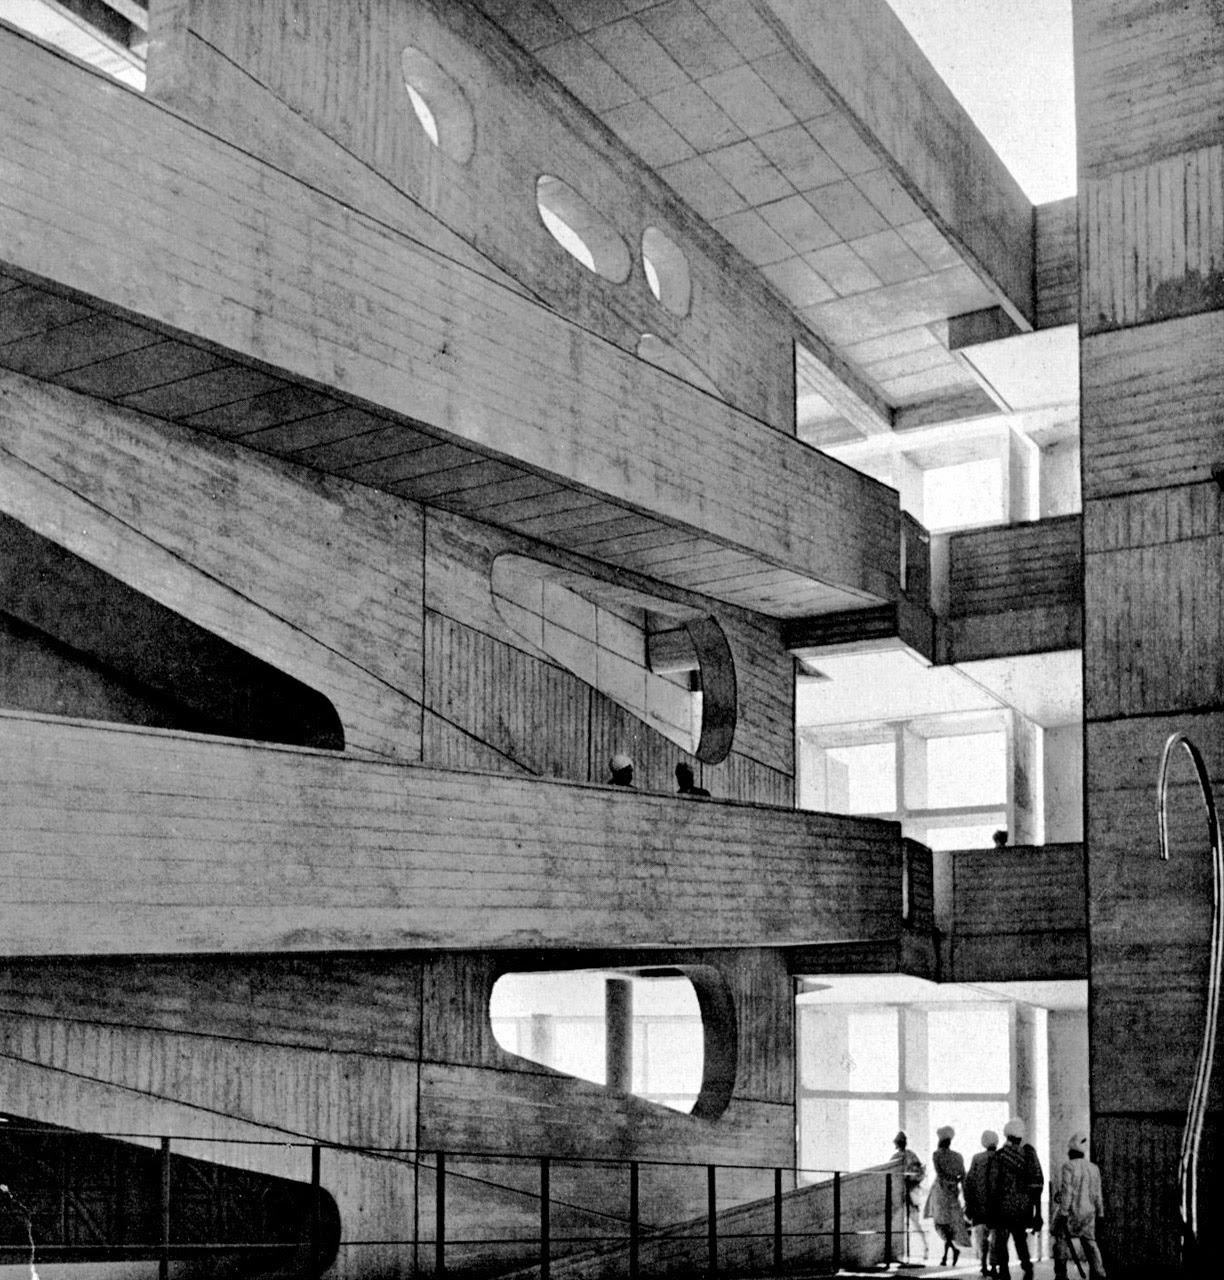 Le+corbusier,+palacio+de+justicia+de+chandigarh+india,+1951-56.+imagen+flc